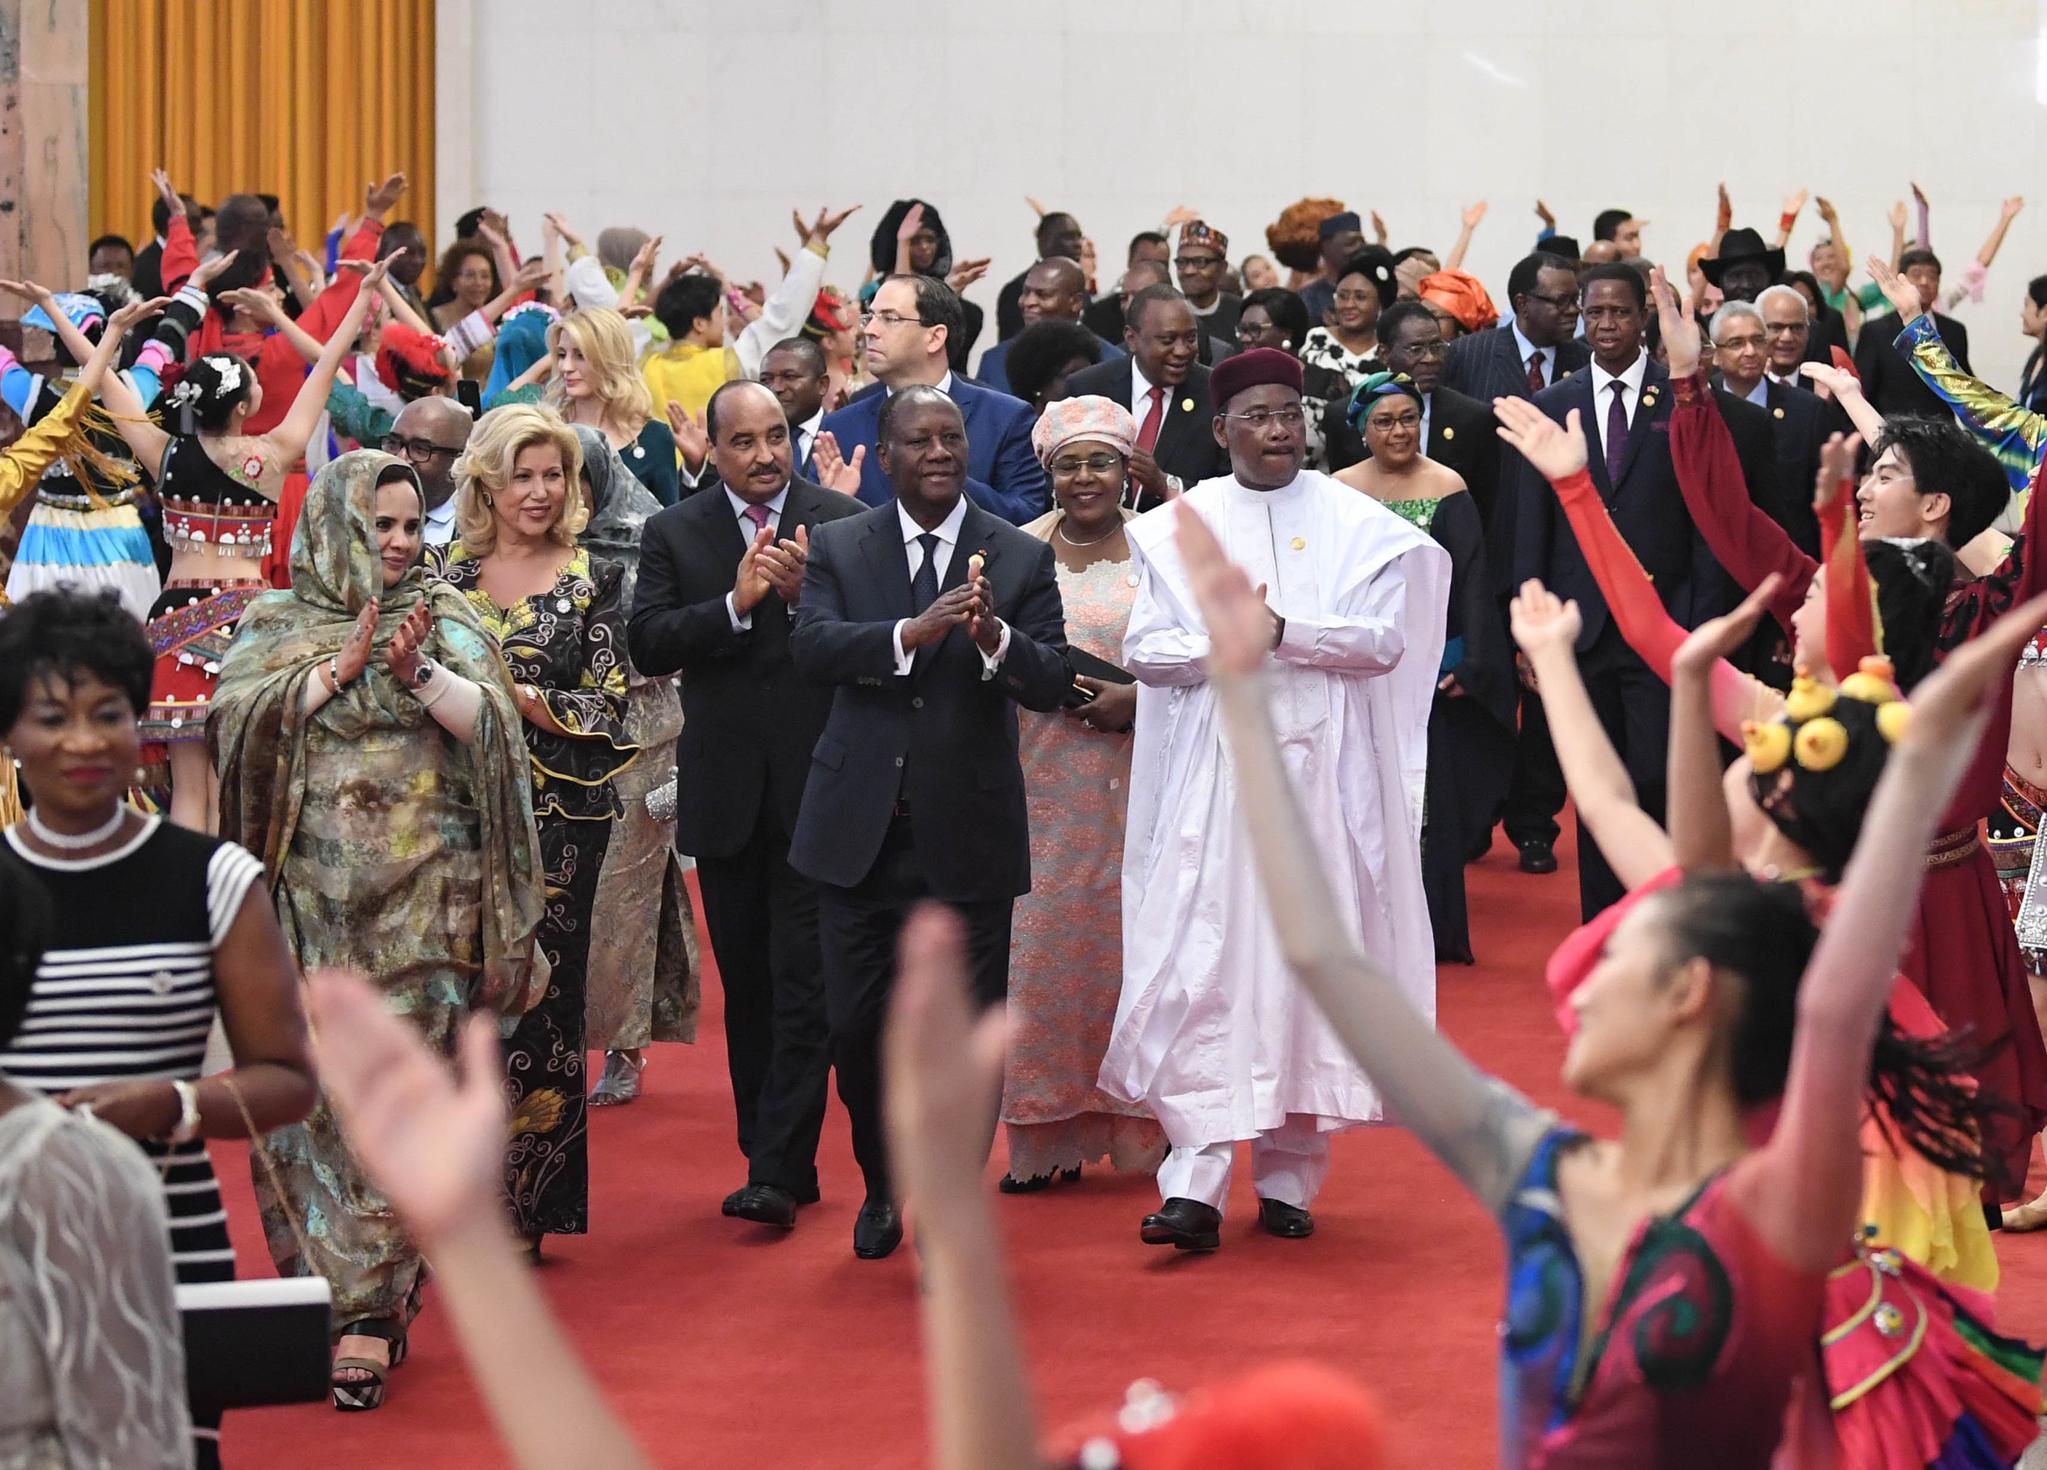 3일 베이징 인민대회당에서 열린 중국-아프리카 협력 정상회의에 참석한 아프리카 정상들이 환영 공연을 보며 입장하고 있다. [신화=연합뉴스]